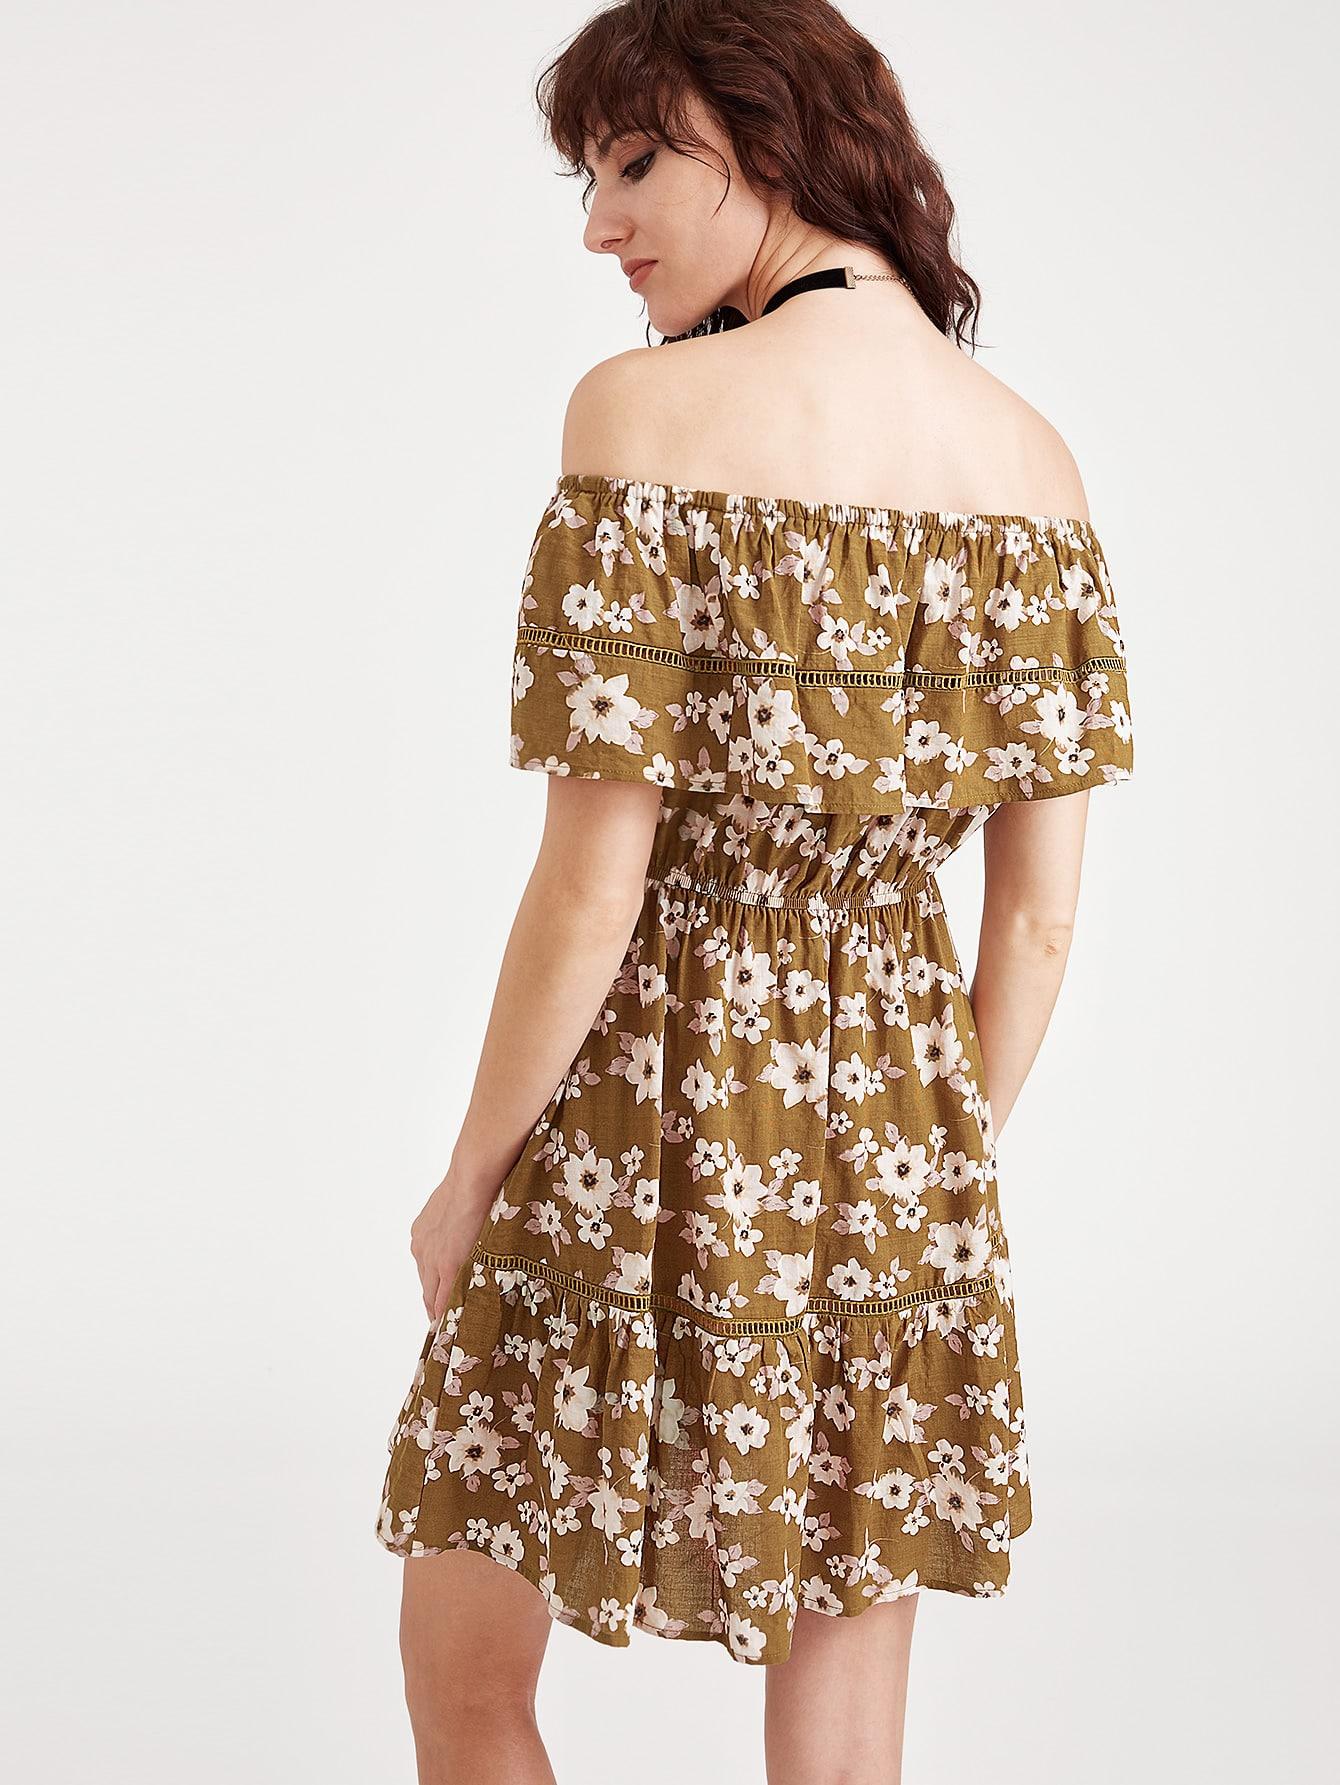 dress170302454_2